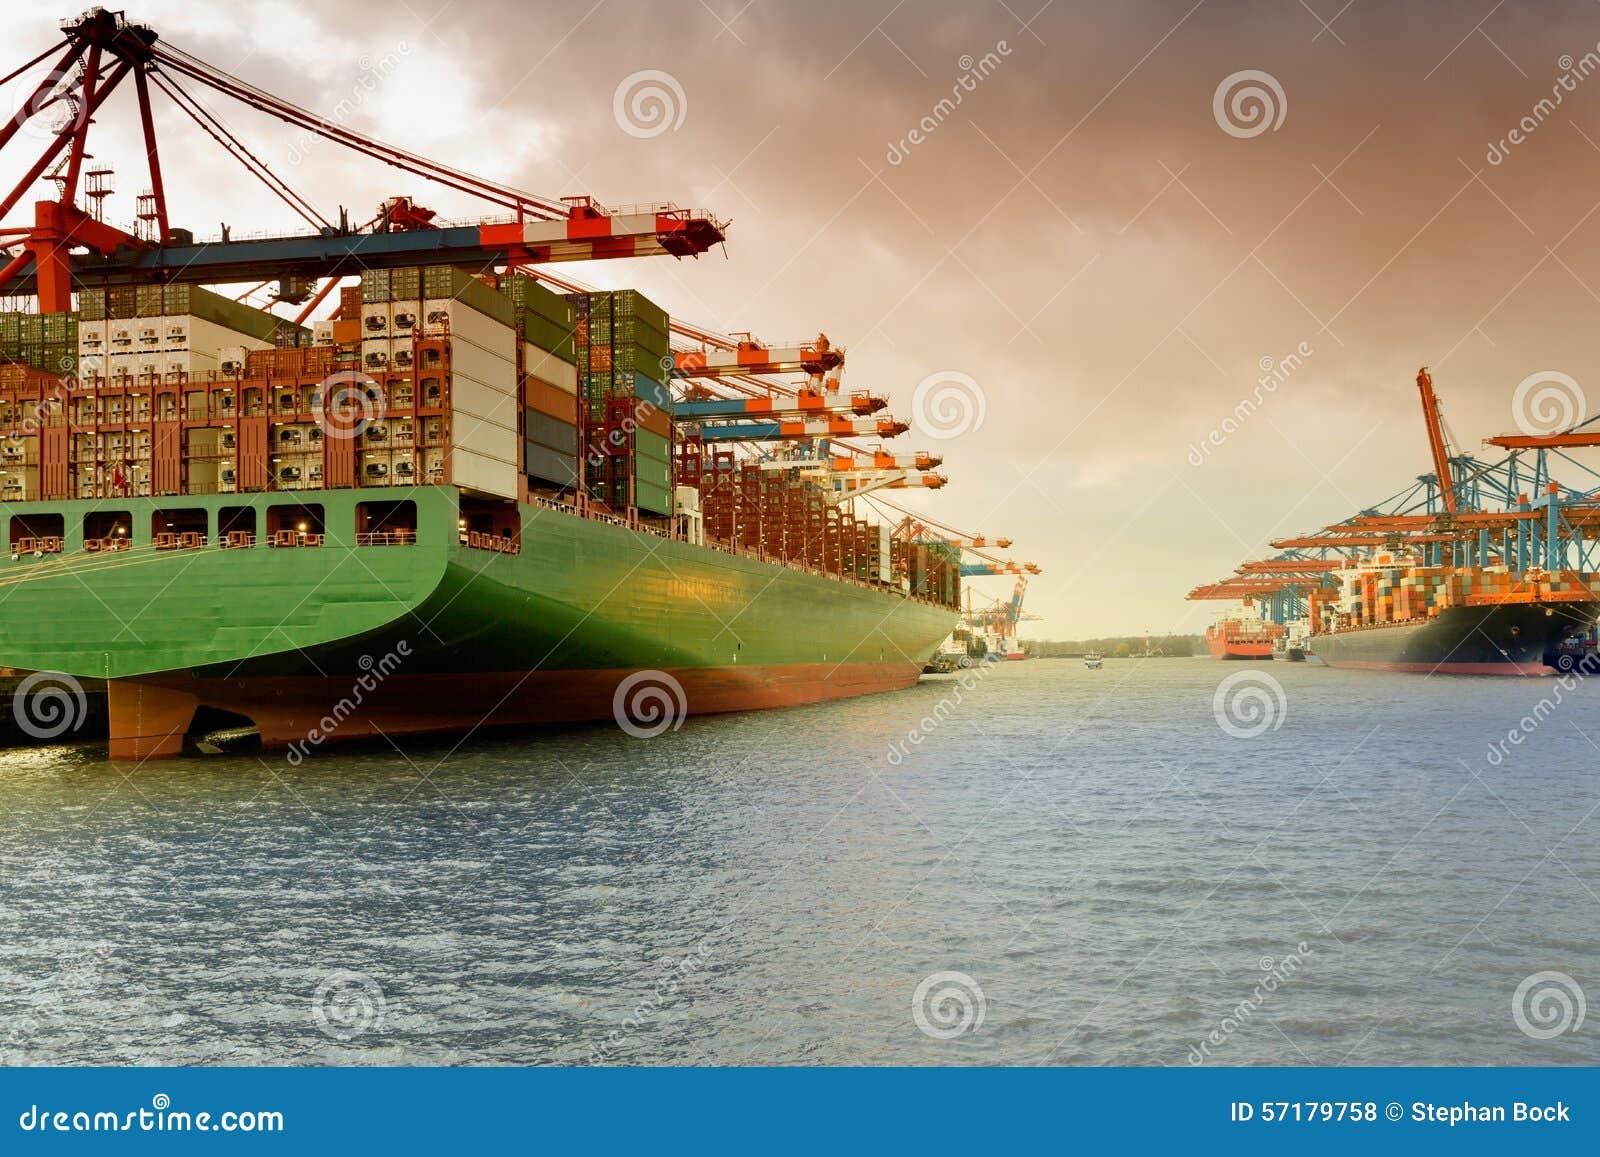 Hamburg, containerschip in de haven Waltershof